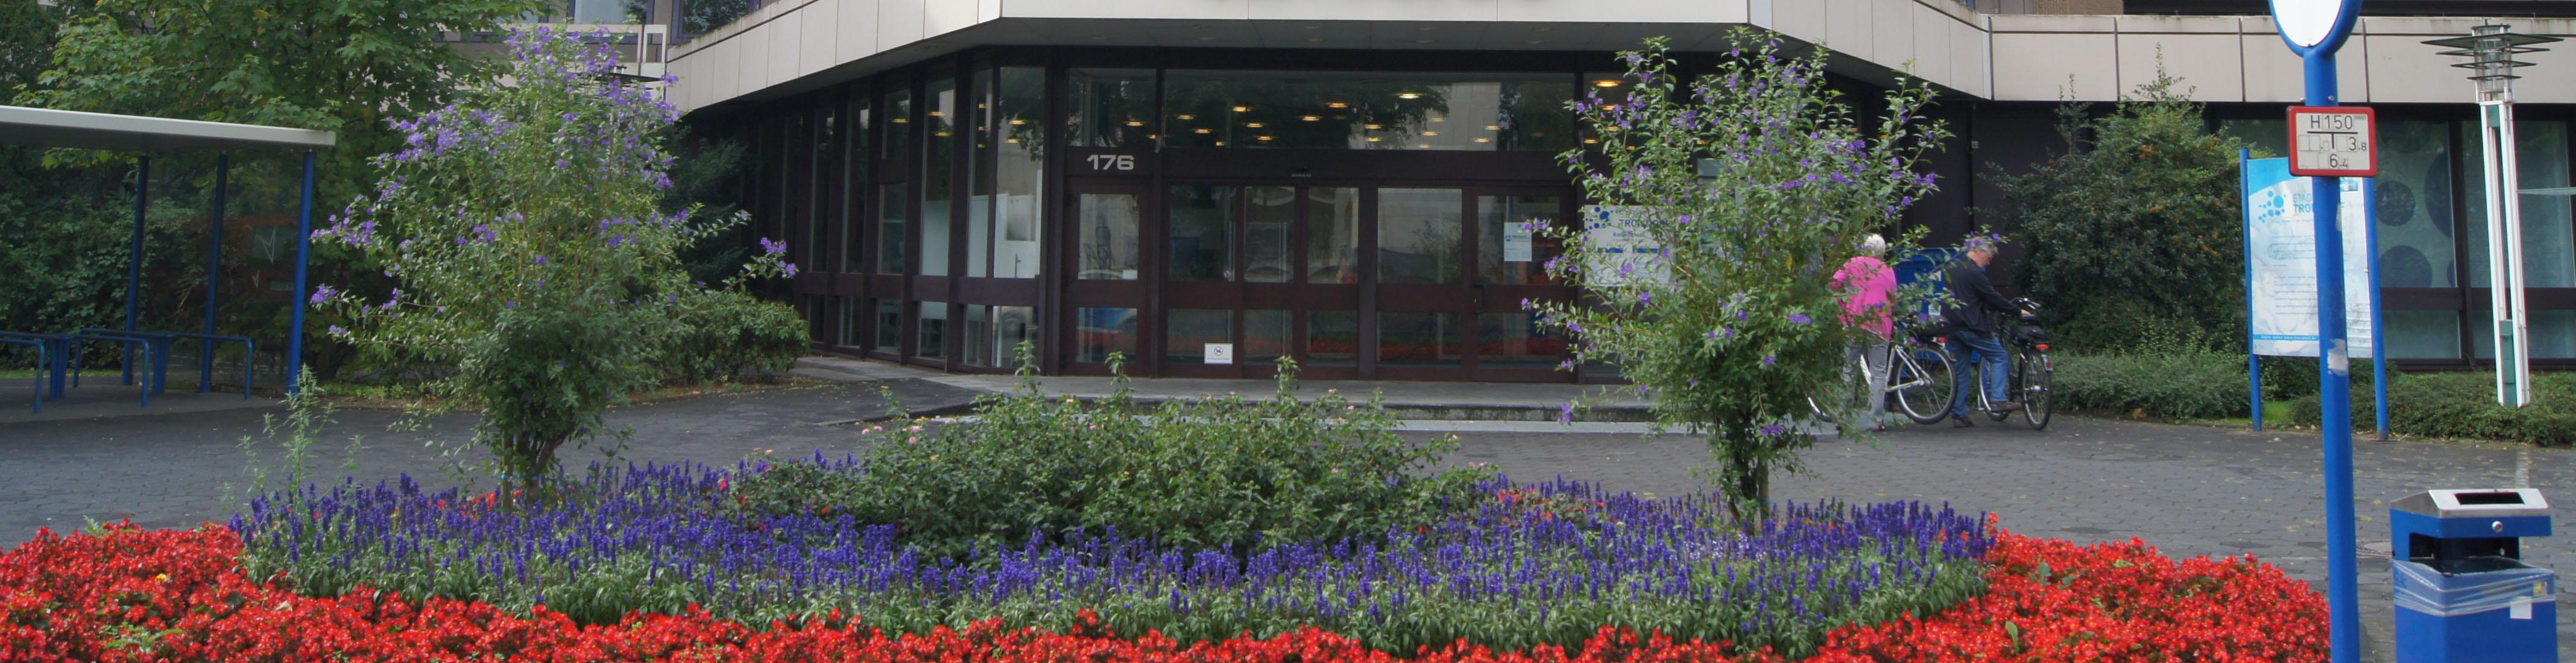 Troisdorf Rathaus